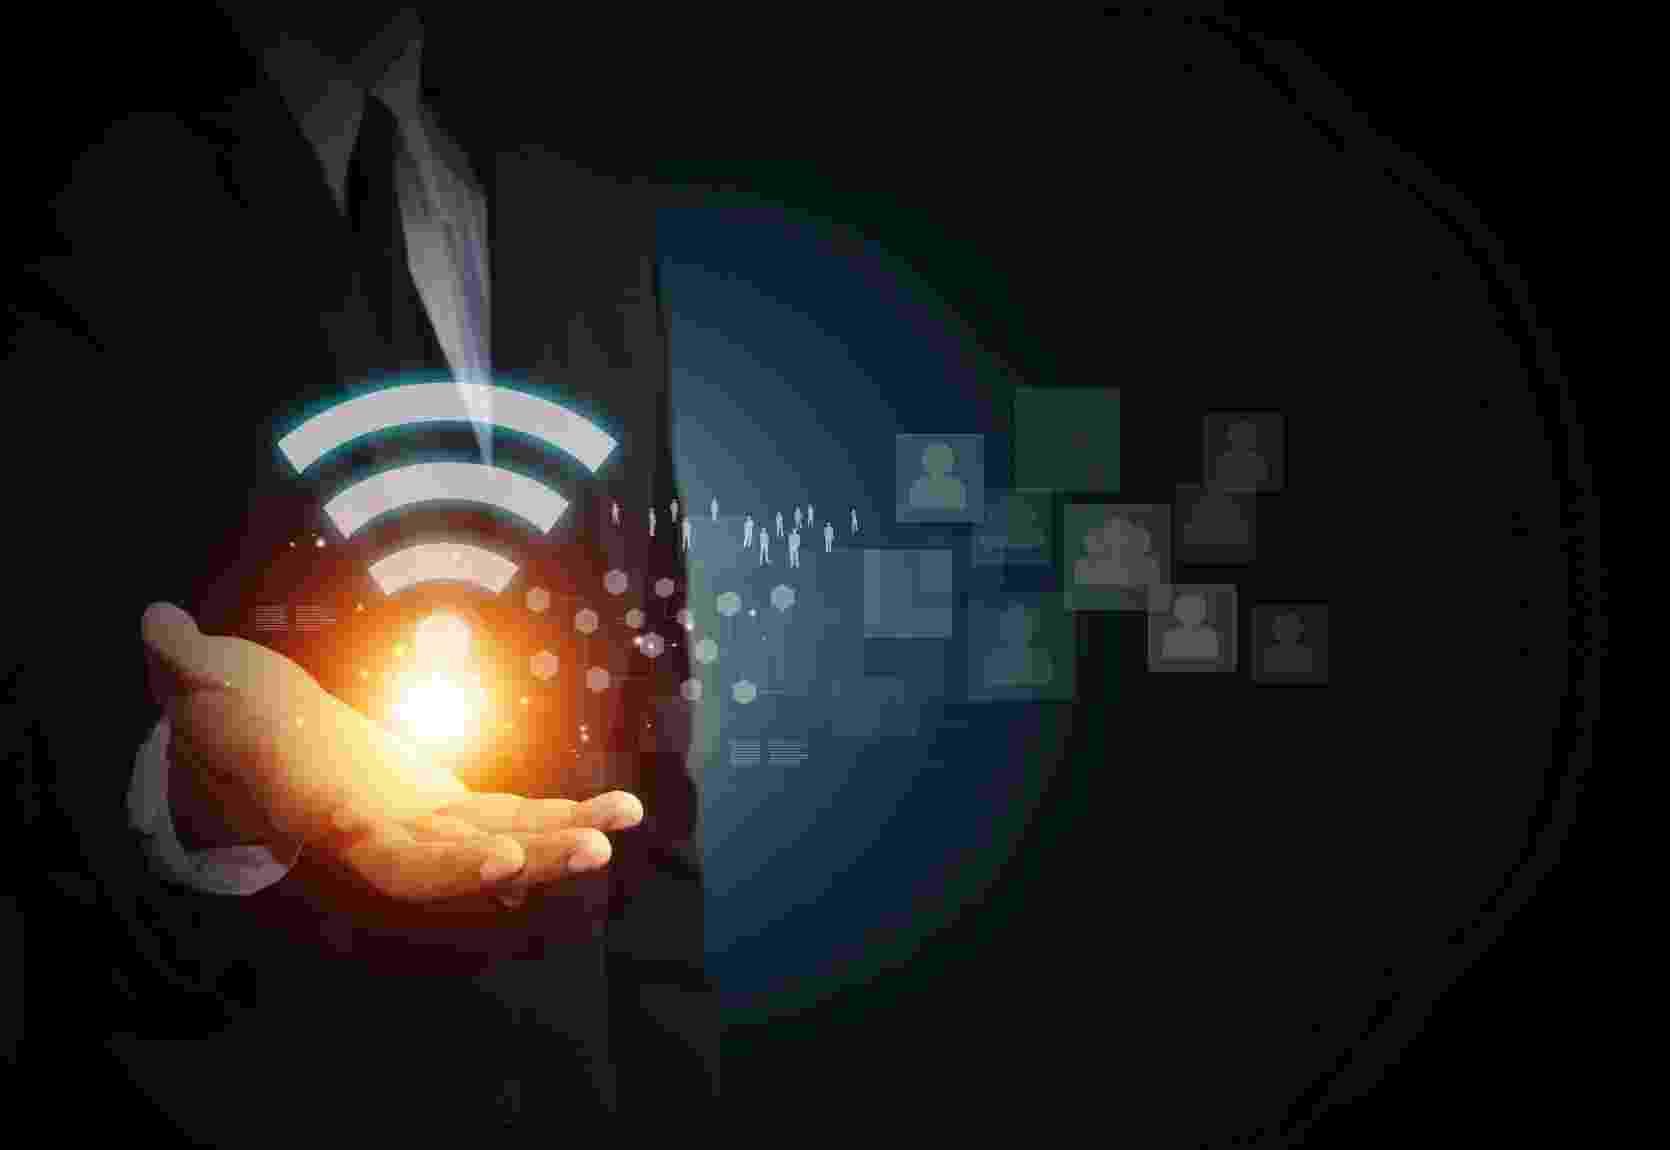 Apesar de o uso do Wi-Fi ter se tornado um dos principais caminhos de acesso dos brasileiros à internet --que ganhou ainda mais força com o corte da conexão adotado pelas operadoras de telefonia móvel ao fim das franquias--, há ainda alguns mitos e dúvidas a cerca da segurança e também do aumento do alcance do sinal dessa rede. Incluir uma senha de acesso é suficiente para se prevenir do ataque de hackers? Será que trocar a antena do roteador aumenta a potência da conexão? E o truque da lata de alumínio: funciona mesmo? Tire suas dúvidas - iStock